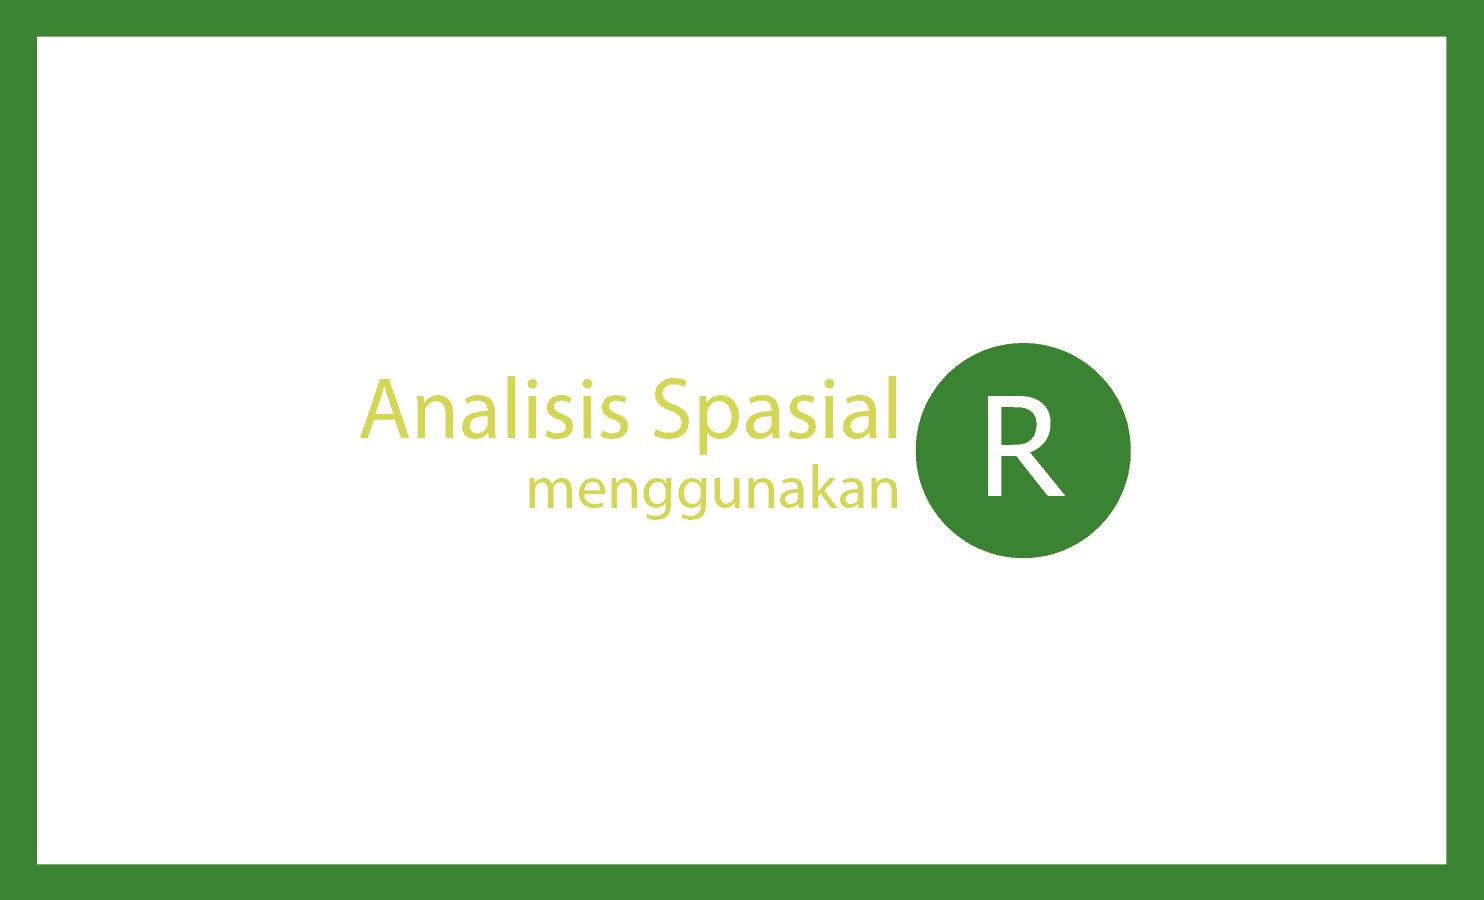 Tutorial analisis spasial di R menggunakan RStudio